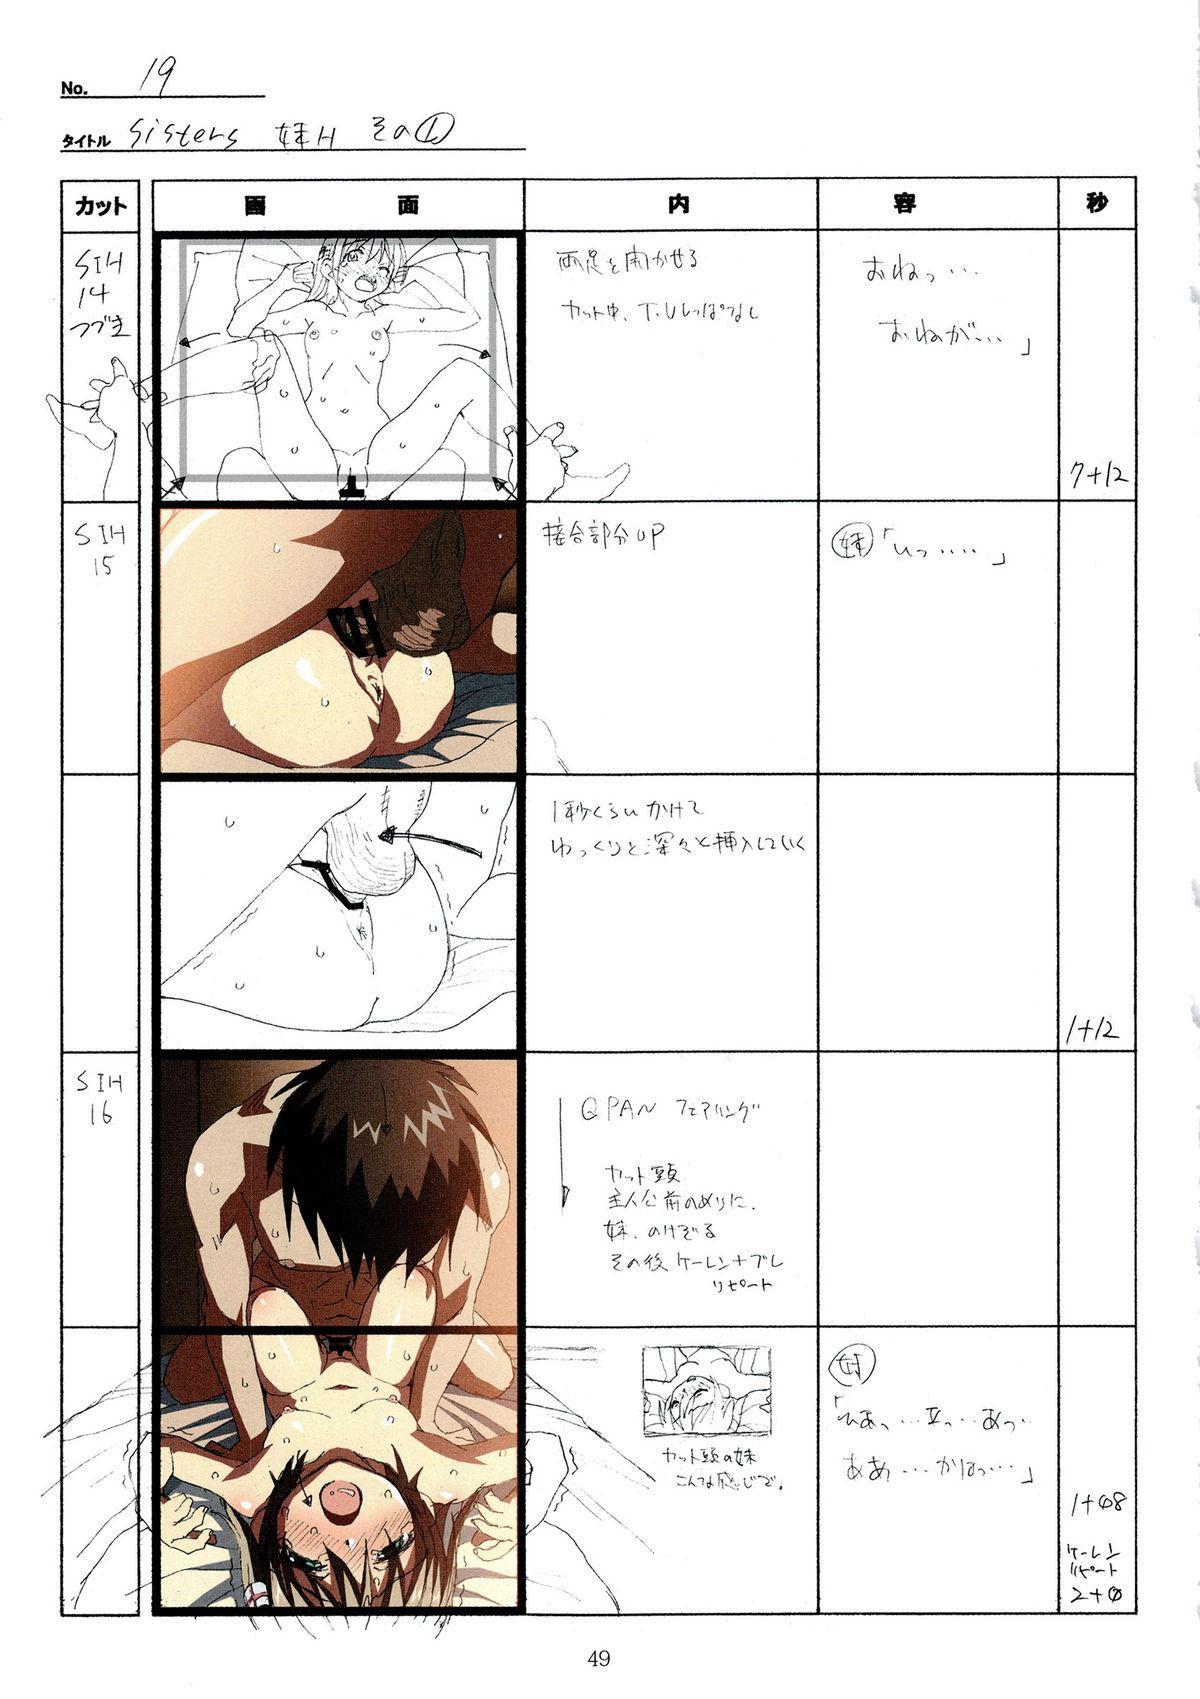 (C89) [Makino Jimusho (Taki Minashika)] SISTERS -Natsu no Saigo no Hi- H Scene All Part Storyboard (SISTERS -Natsu no Saigo no Hi-) 48